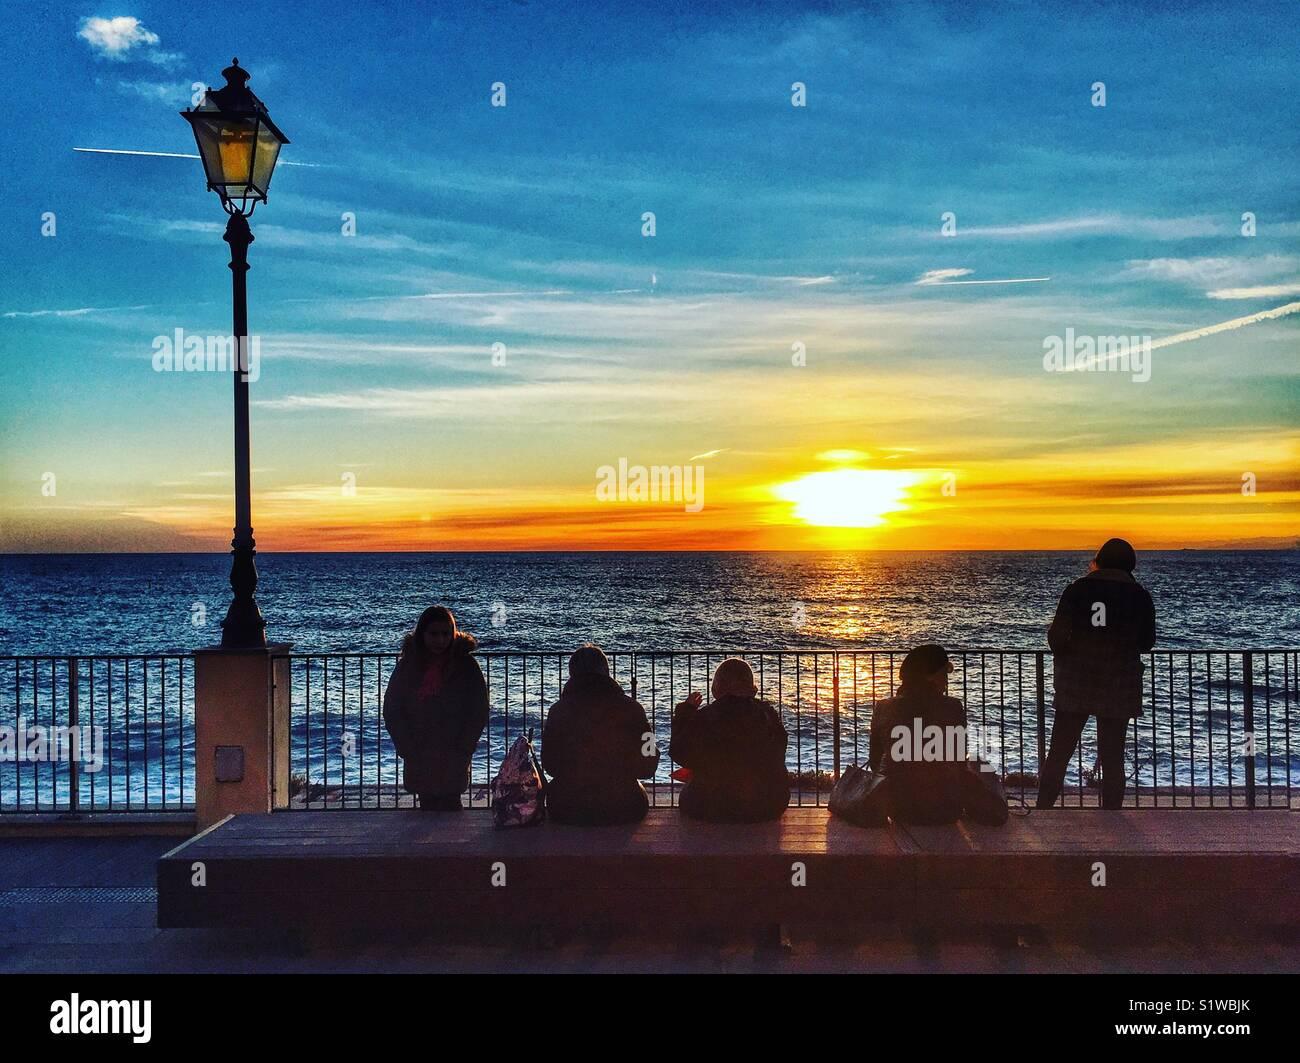 La silhouette de cinq chiffres regarder le coucher de soleil sur la Méditerranée, Camogli, Italie Photo Stock